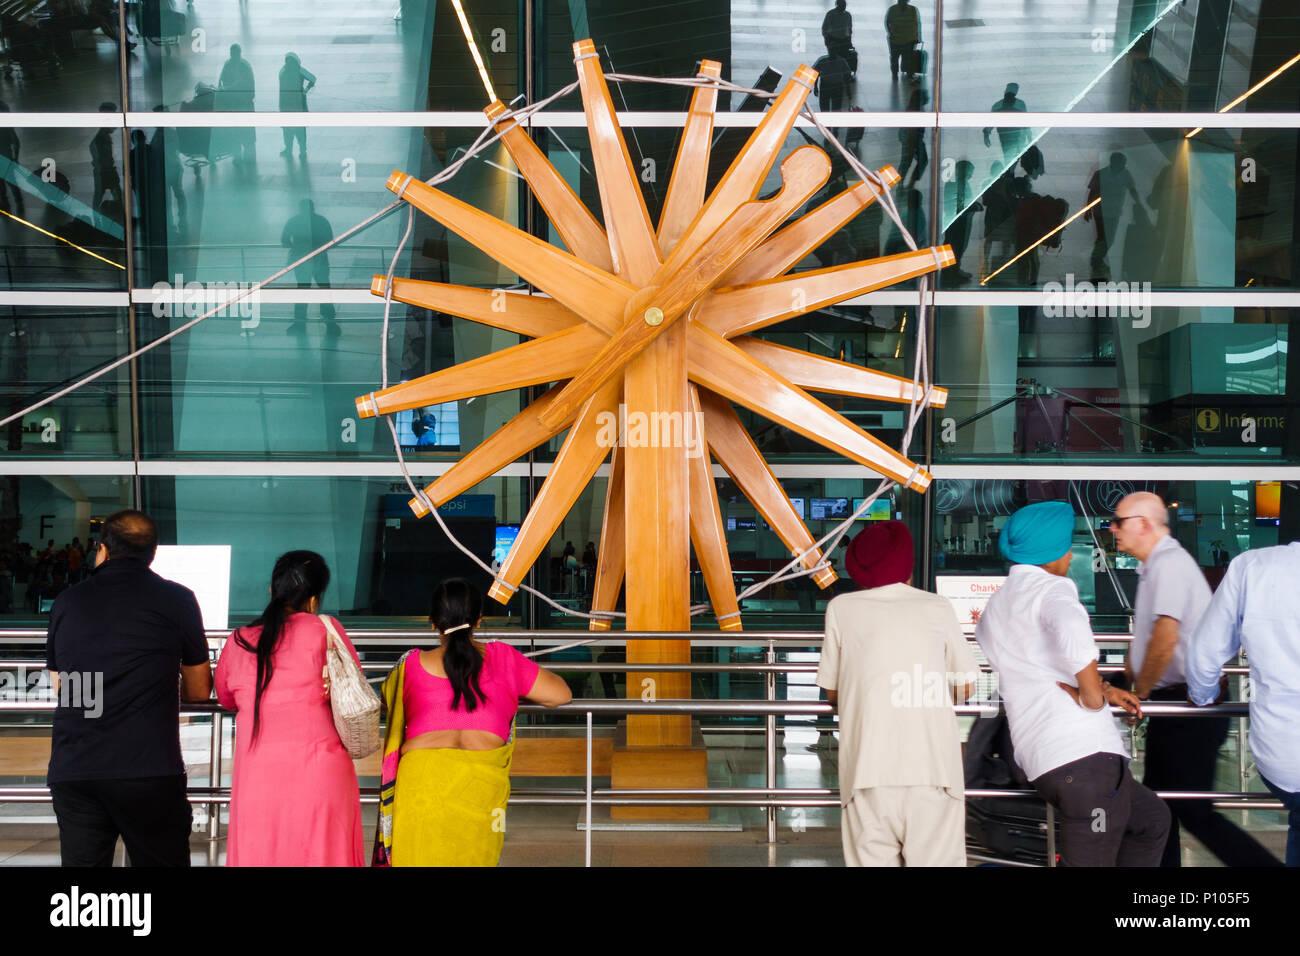 NEW DELHI, INDIEN - ca. April 2017: Menschen stehen vor der weltweit größten charkha (Spinnrad) an Indira Gandhi International Airport. Stockfoto